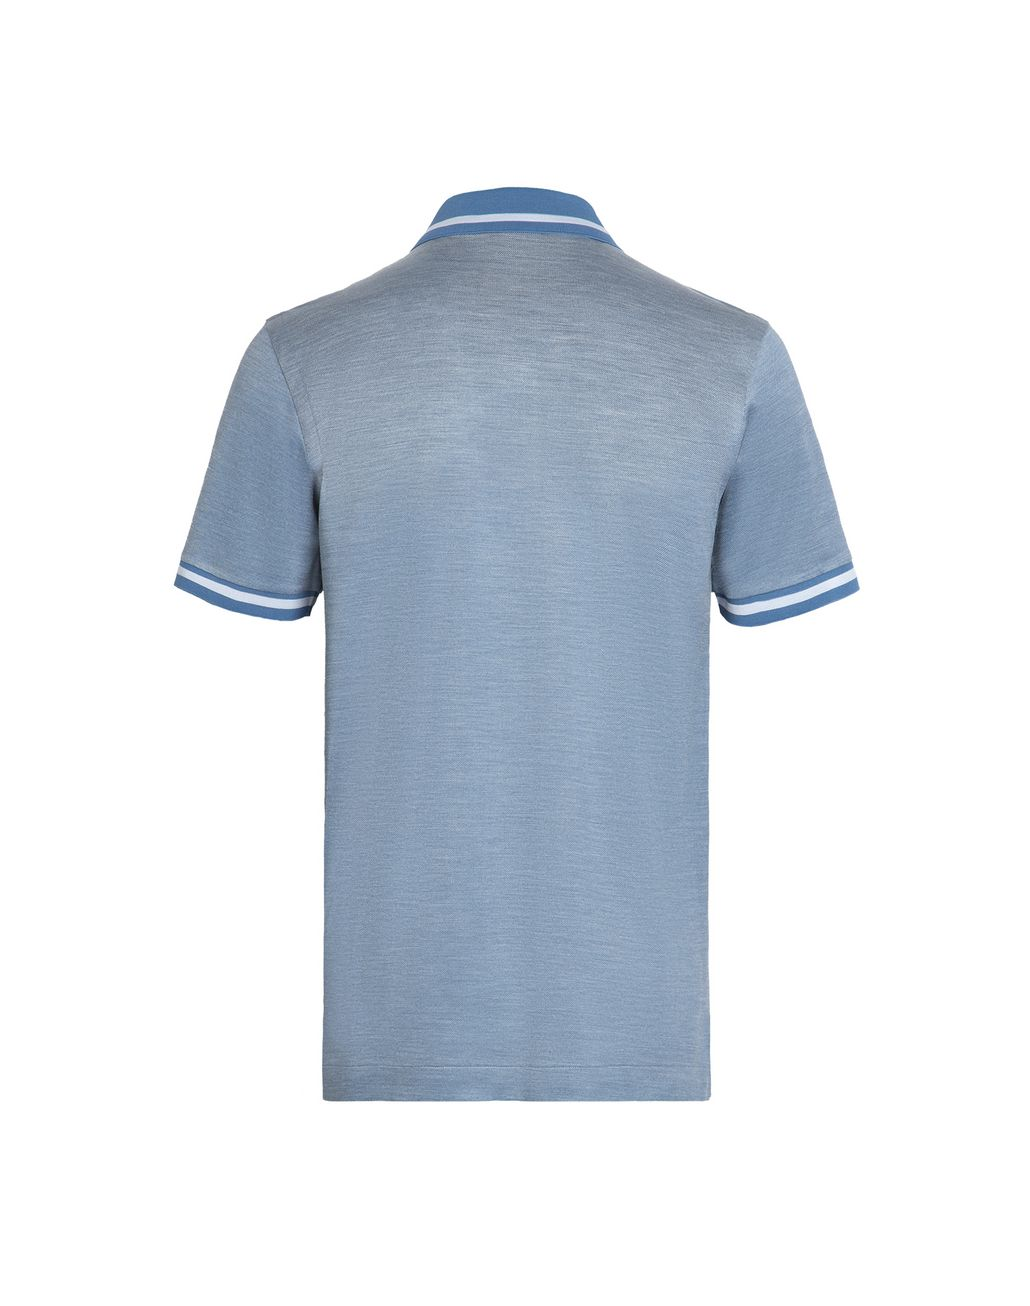 BRIONI Небесно-голубая поло с переливчатым эффектом Футболки и поло Для Мужчин d